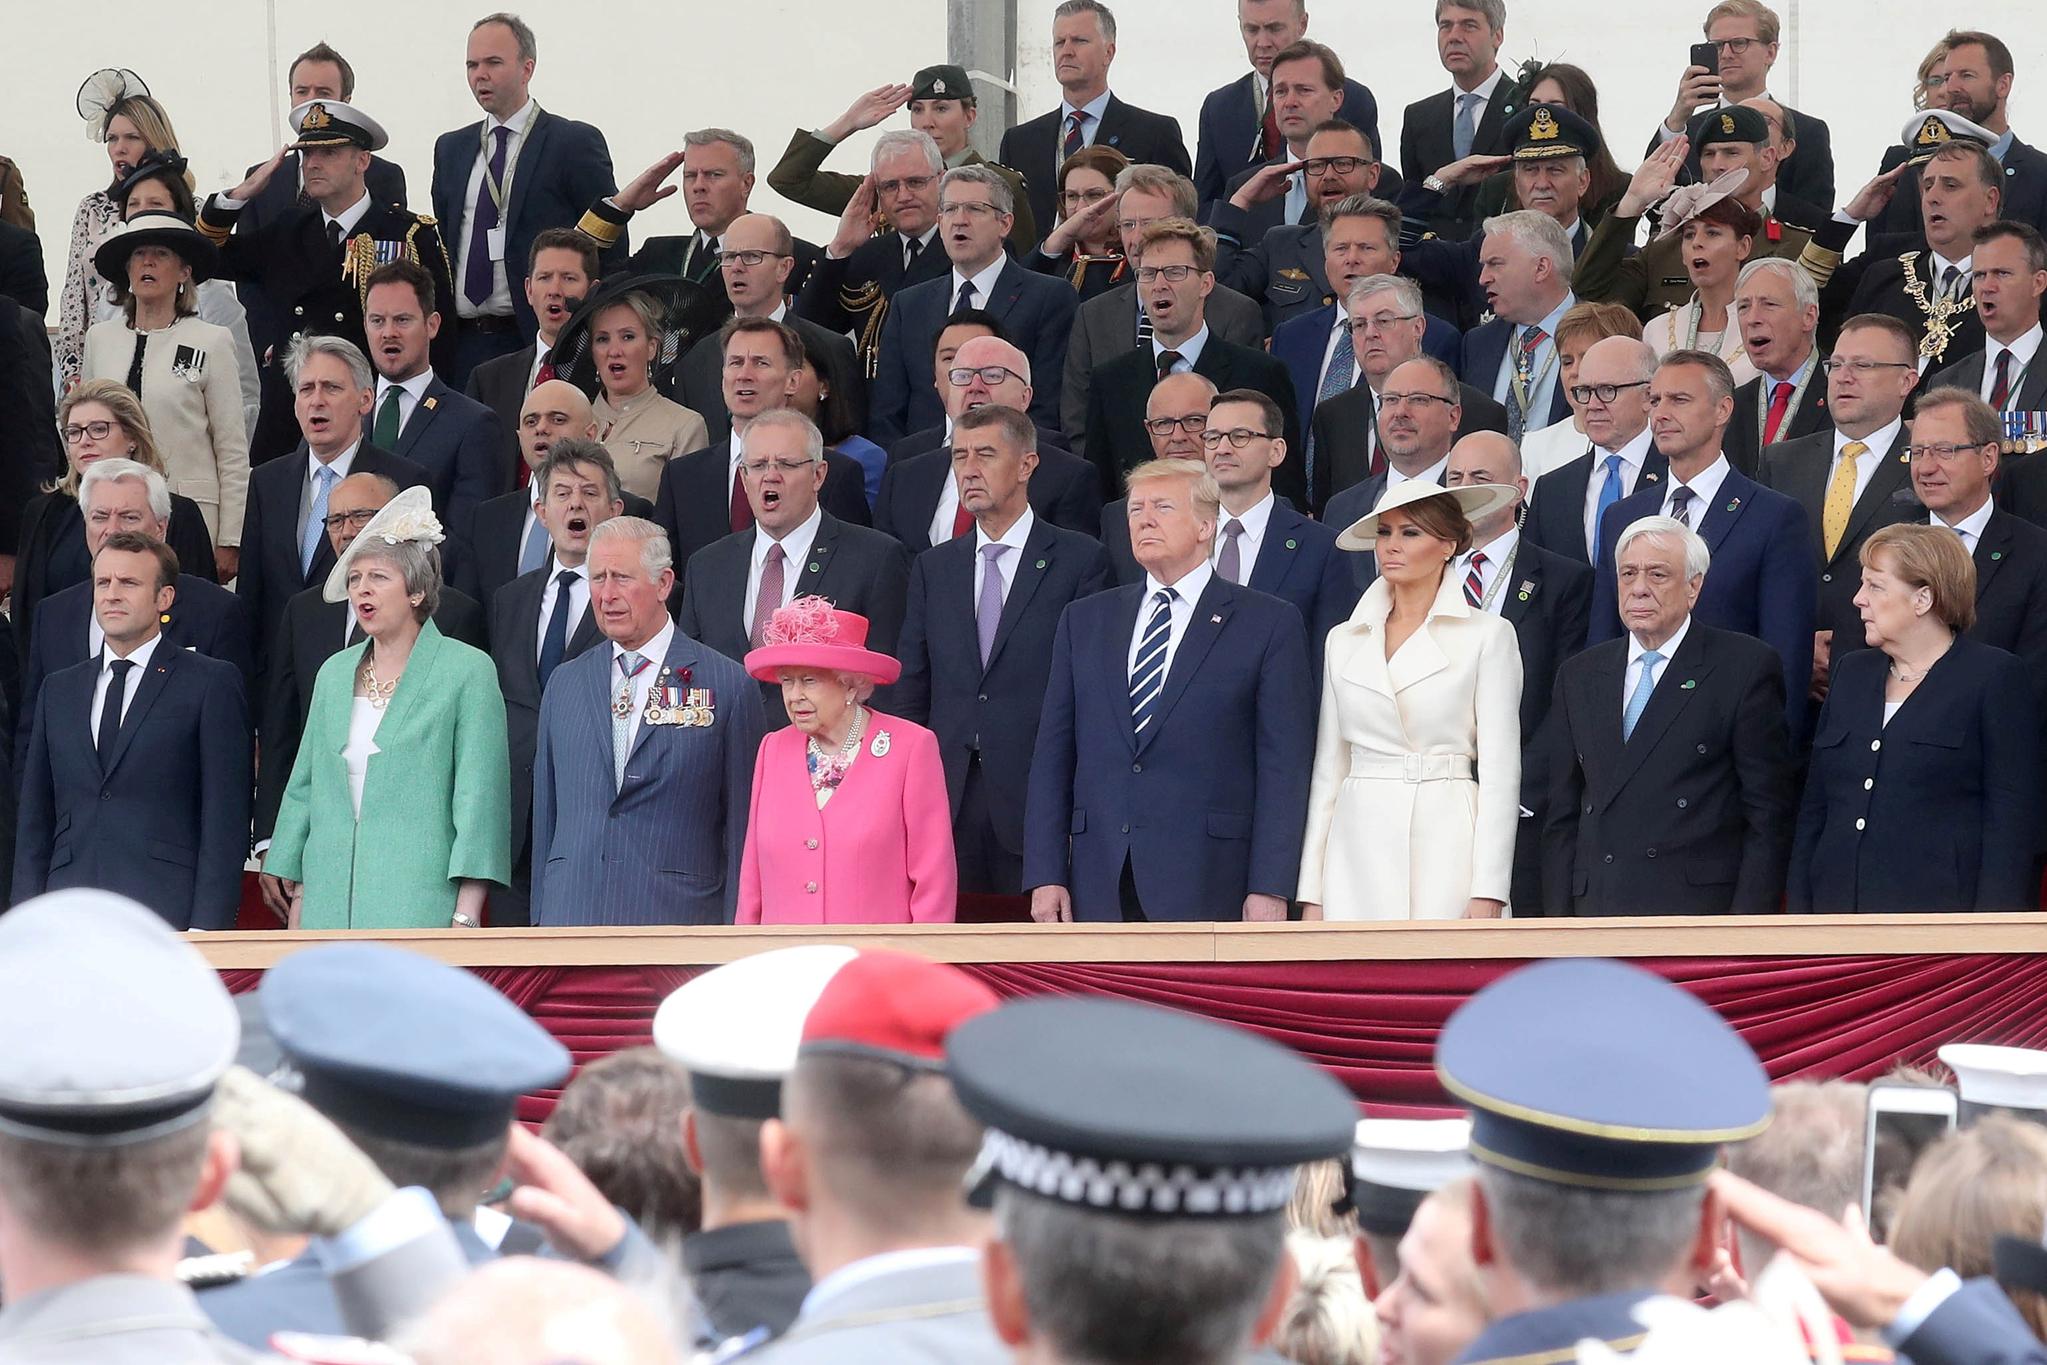 영국 남부 포츠머스에서 열린 D-day 75주년 기념행사. 16개국 지도자들이 참석했다. [Reuters=연합뉴스]